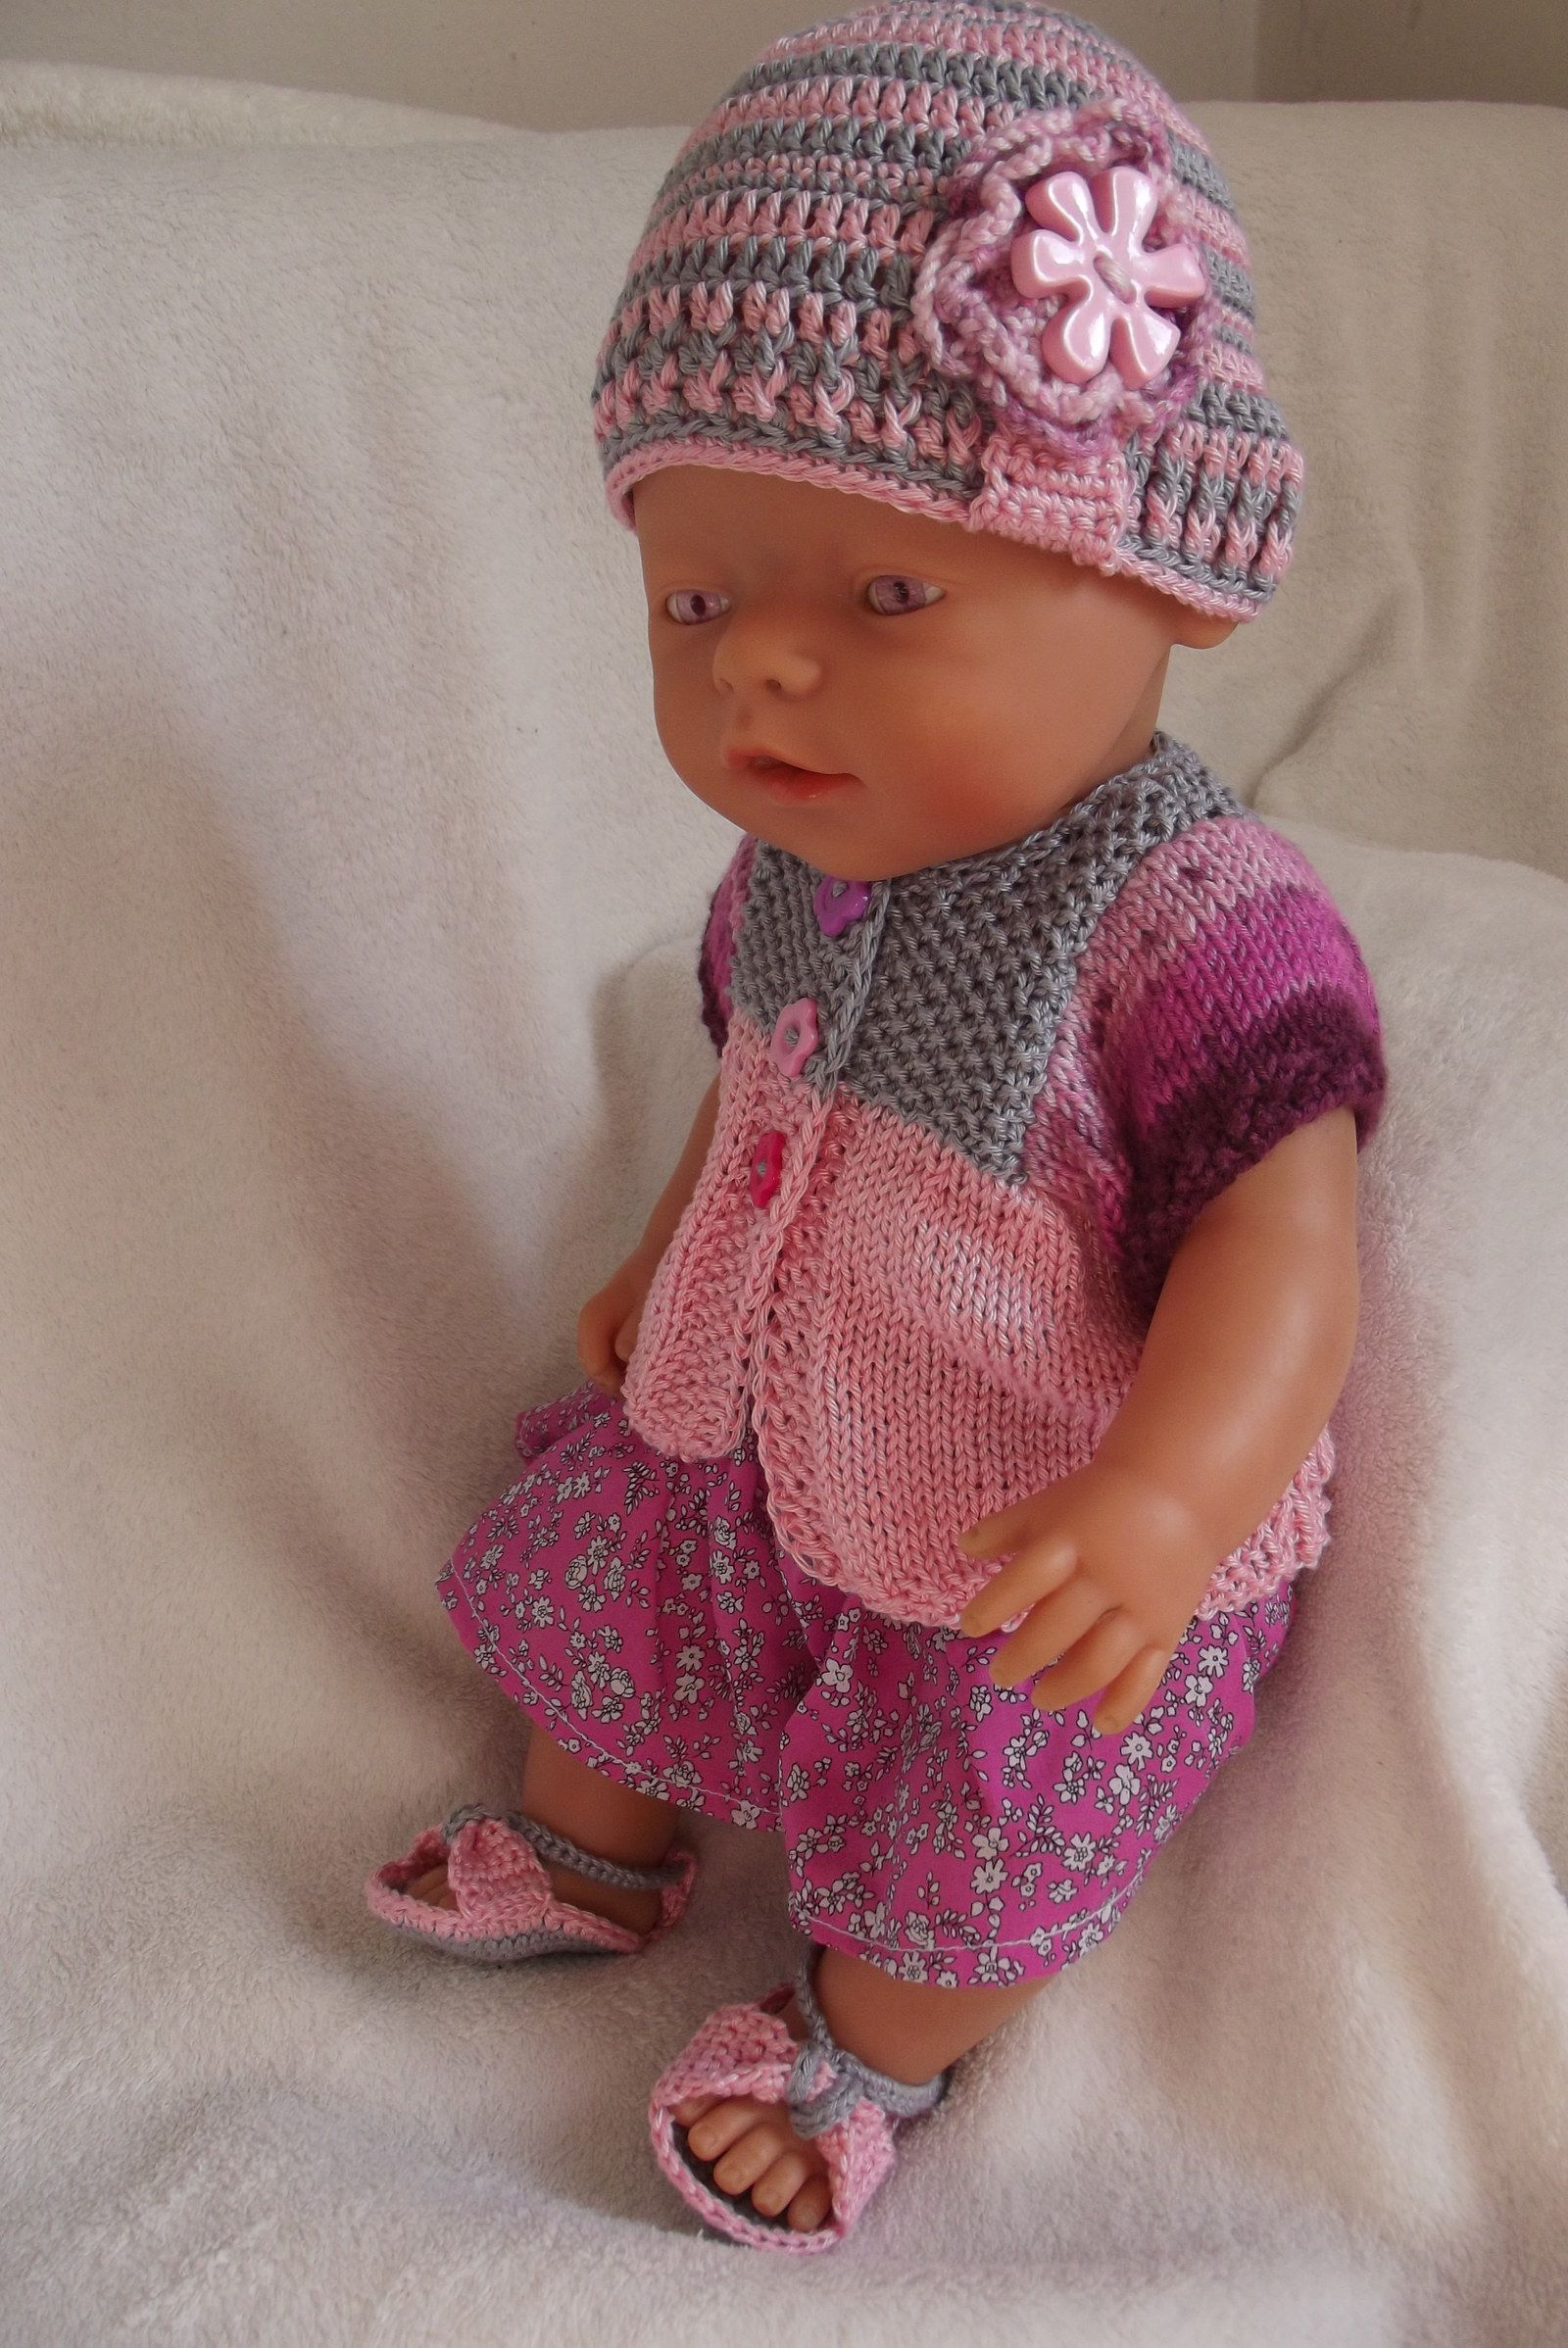 1b8dab4623e Komplet v barvách růží Letní komplet pro panenku je pletený v odstínech  růžové a šedé barvy